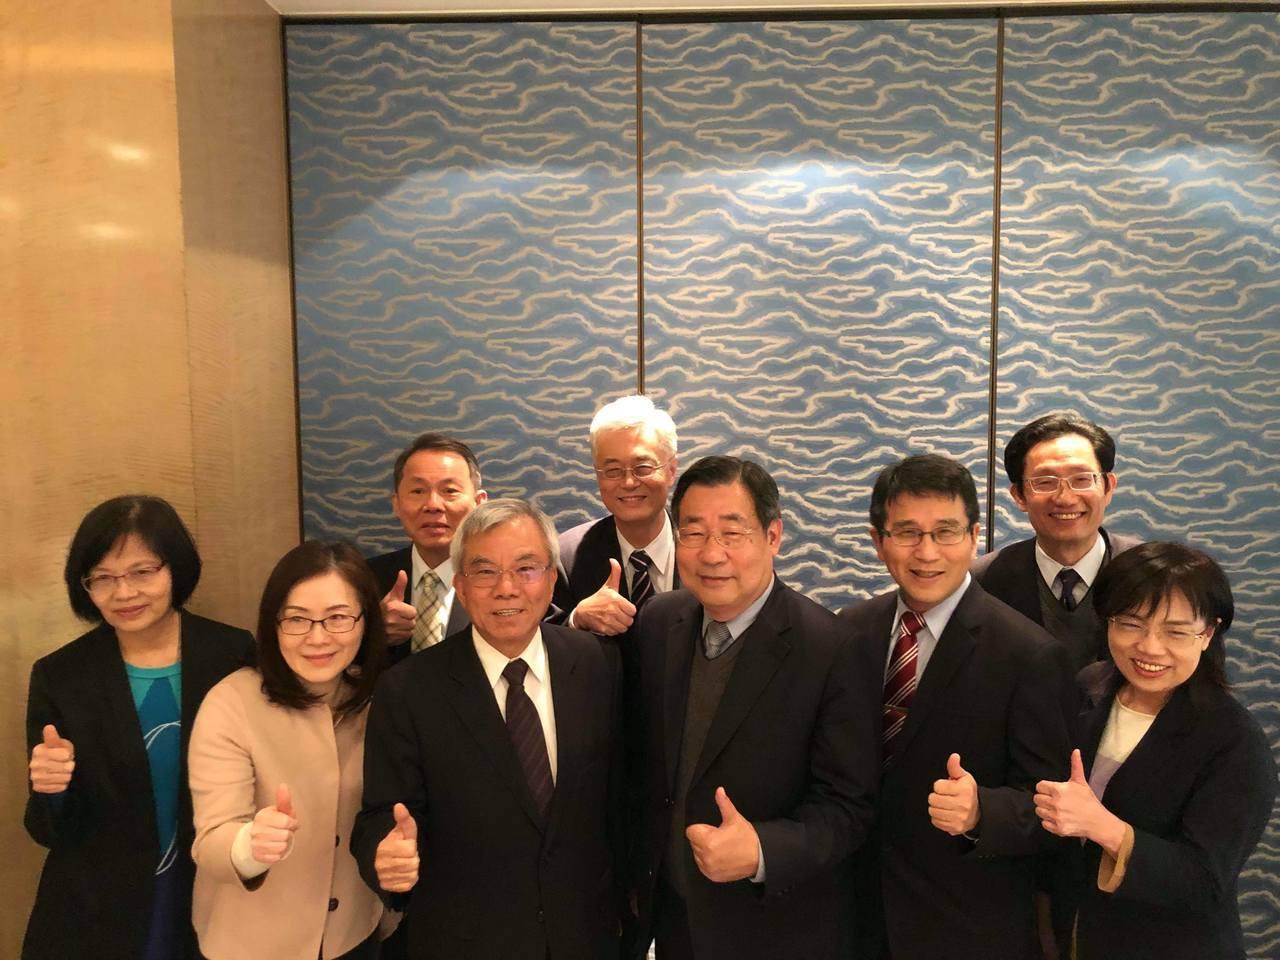 彰銀高層主管合照,董座張明道(左三)、總座張鴻基(右三)。記者林子桓/攝